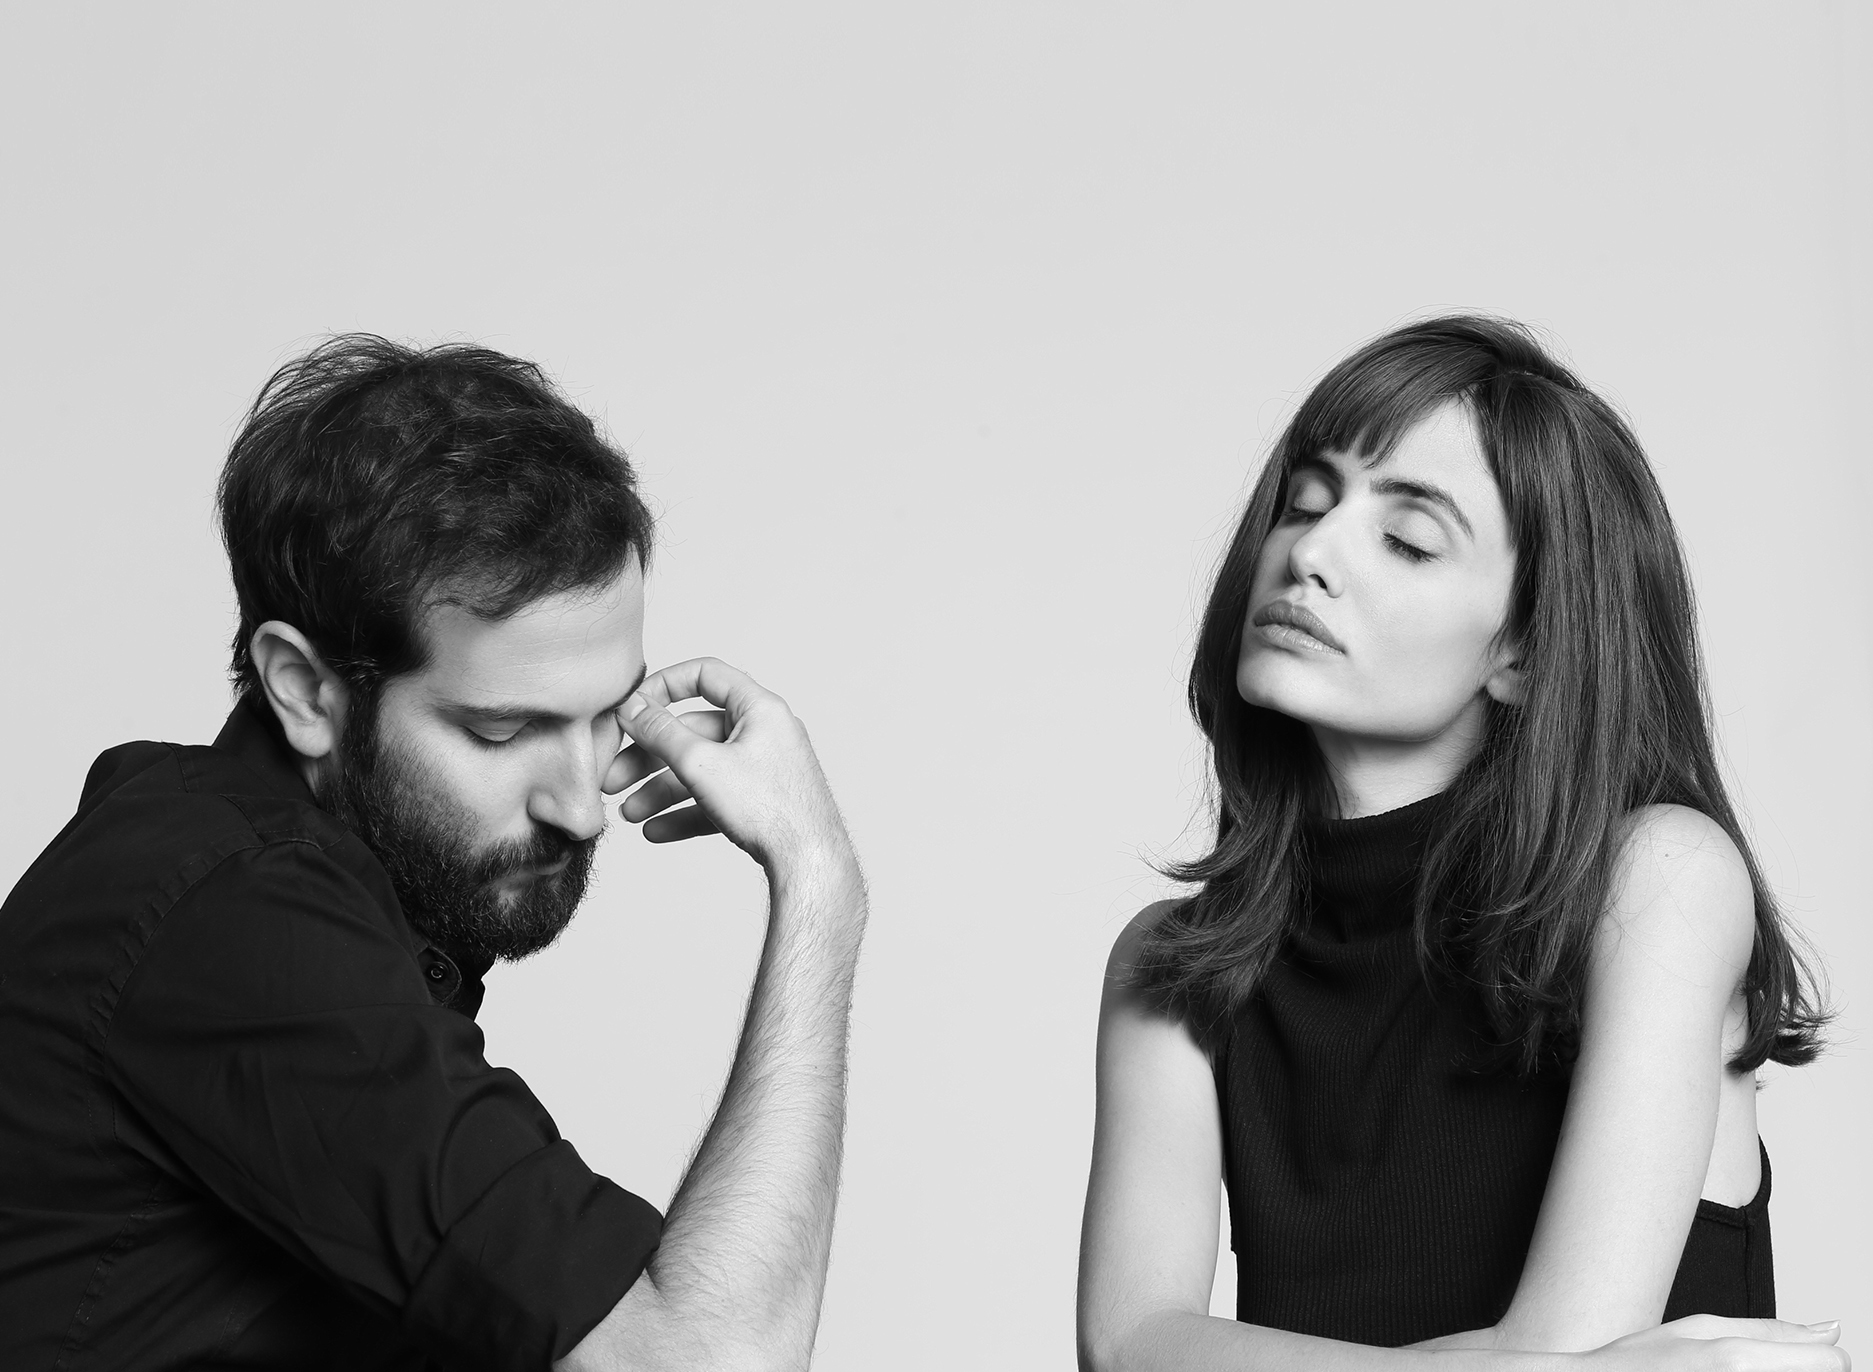 Le groupe Lola Marsh, composé de Yael et de Gil Landau, Interview pour Modzik